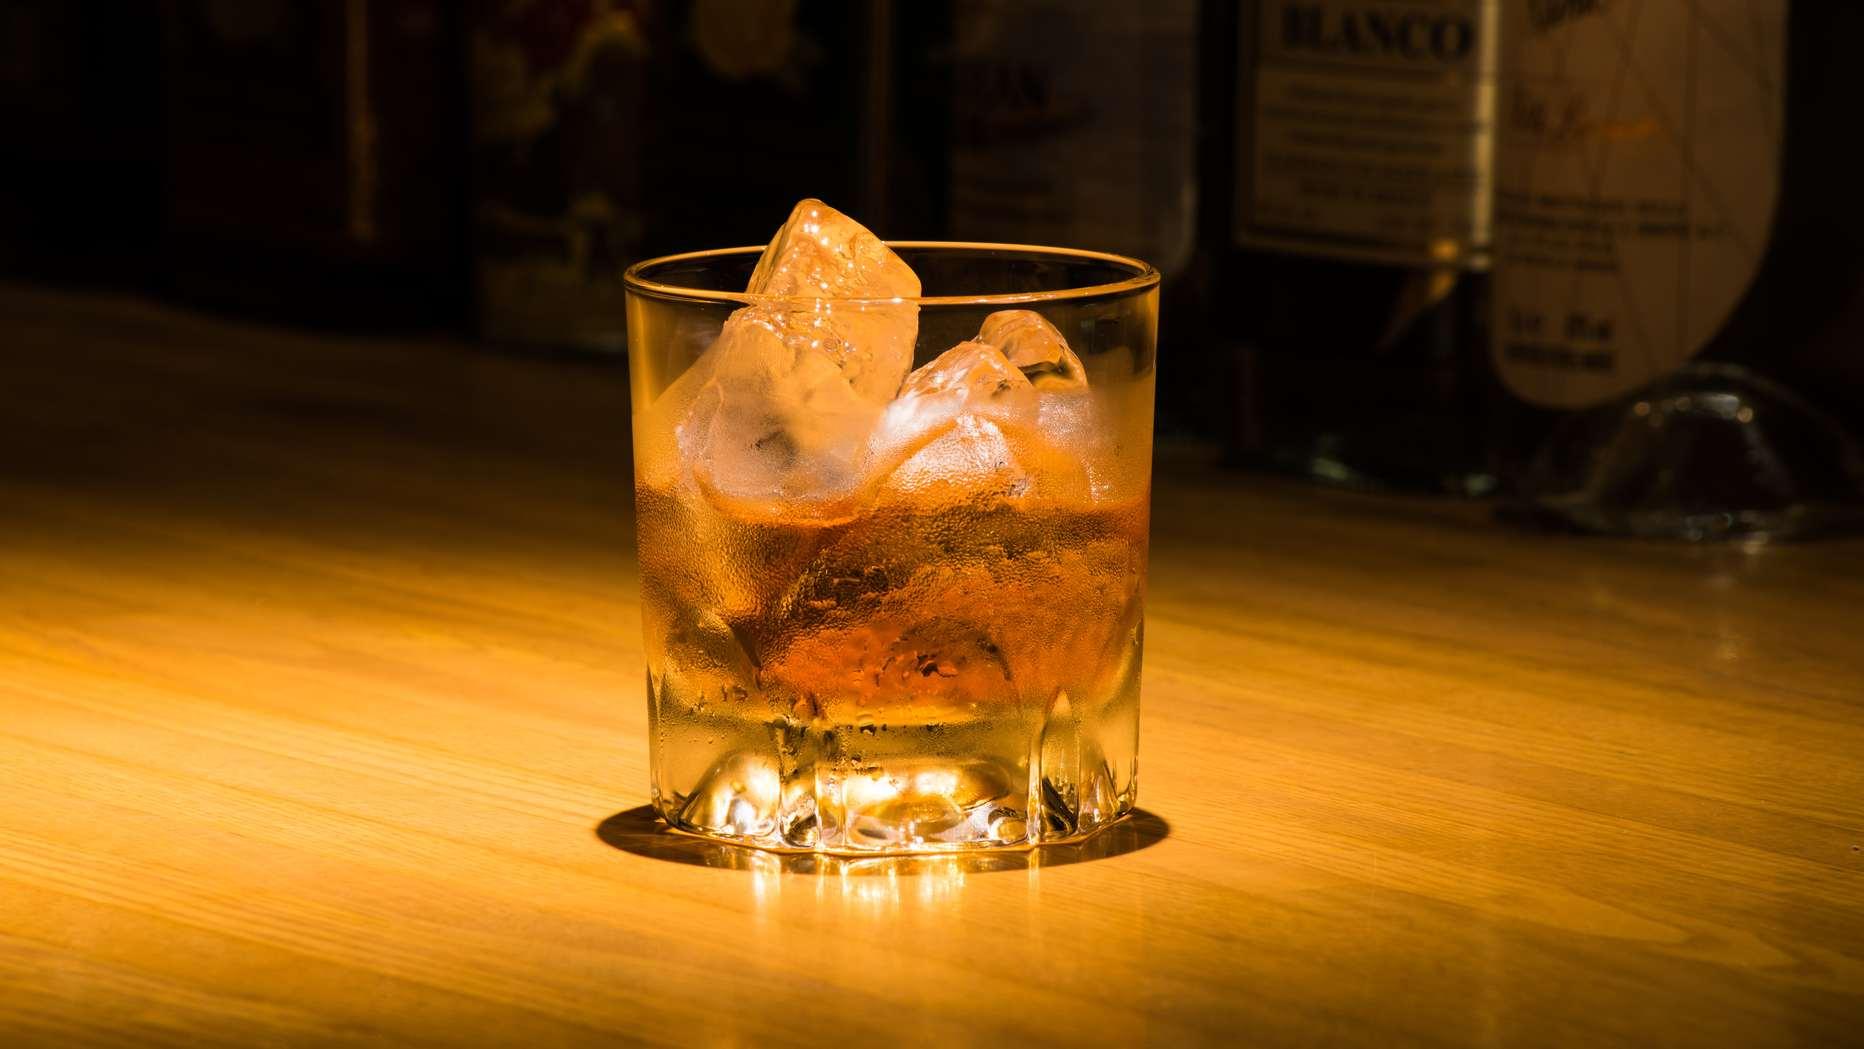 ウイスキーが「貨幣」として扱われていた…今聞くと怖い理由